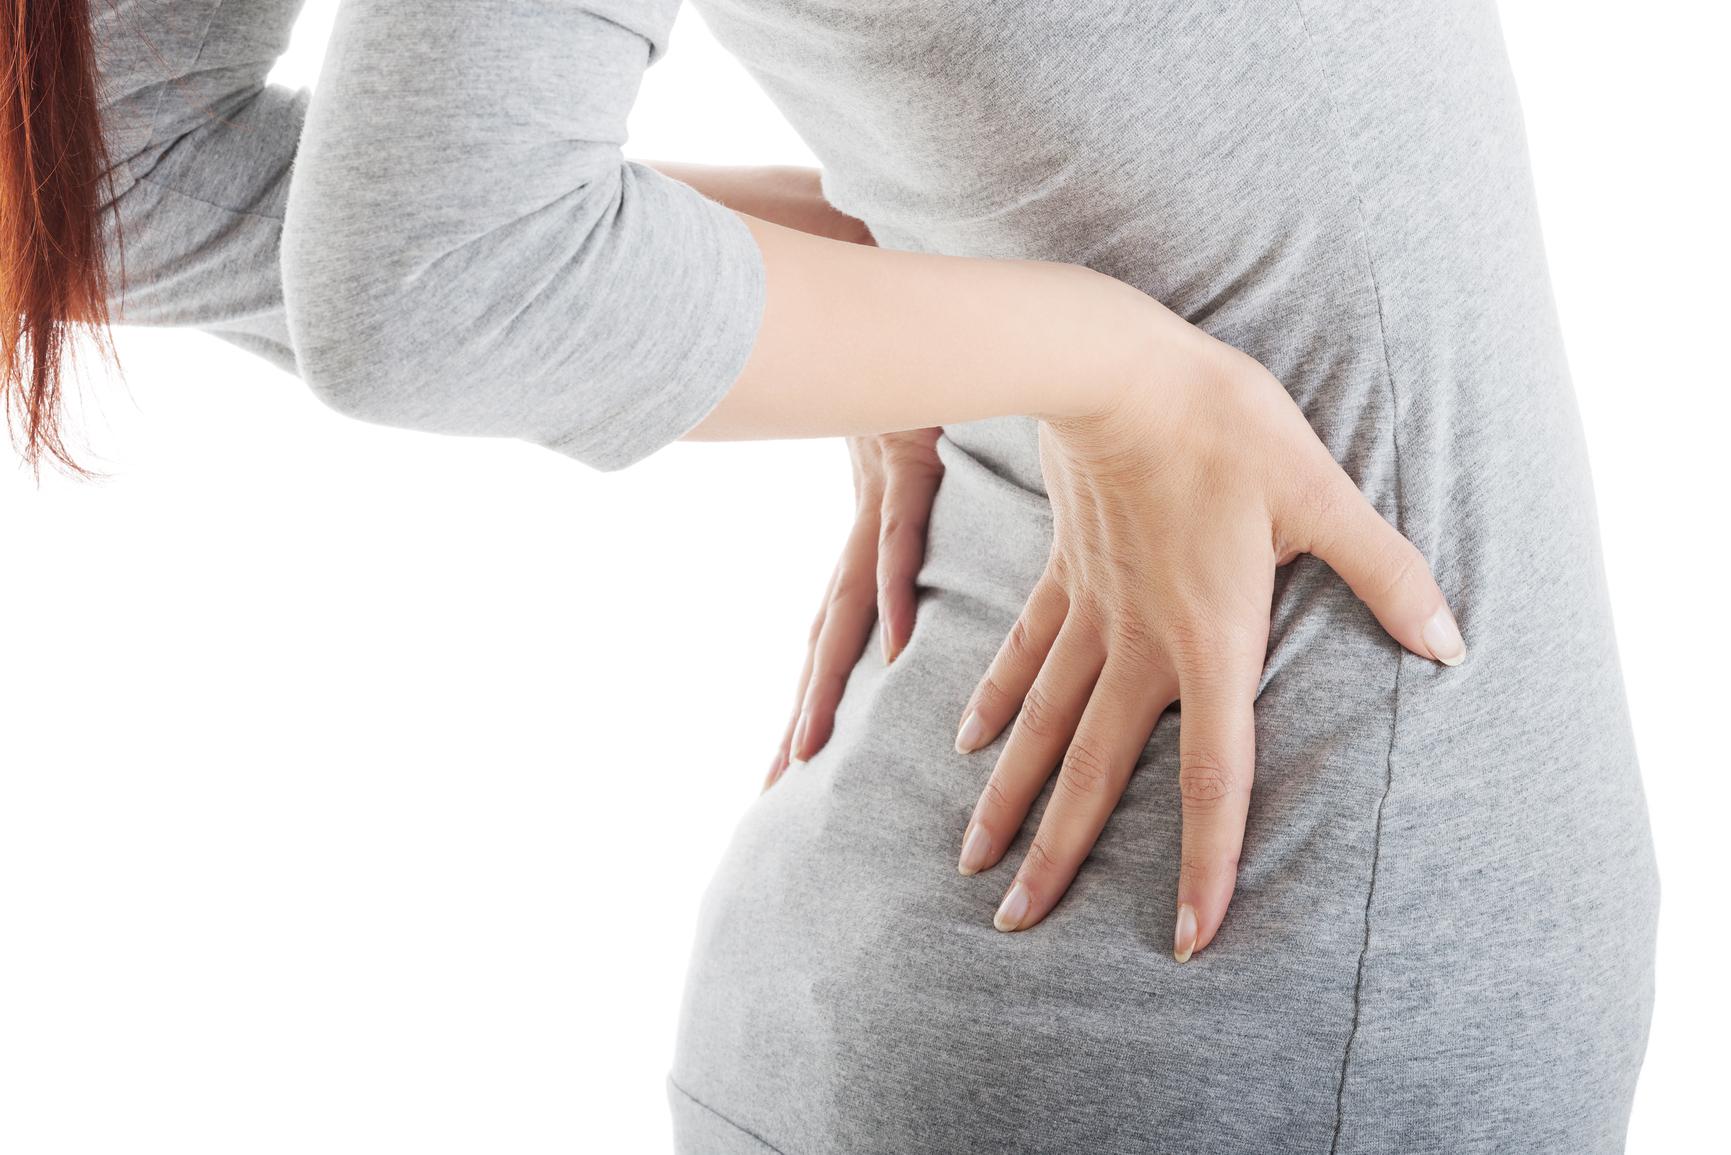 Болят почки — симптомы патологий и методы лечения в домашних условиях